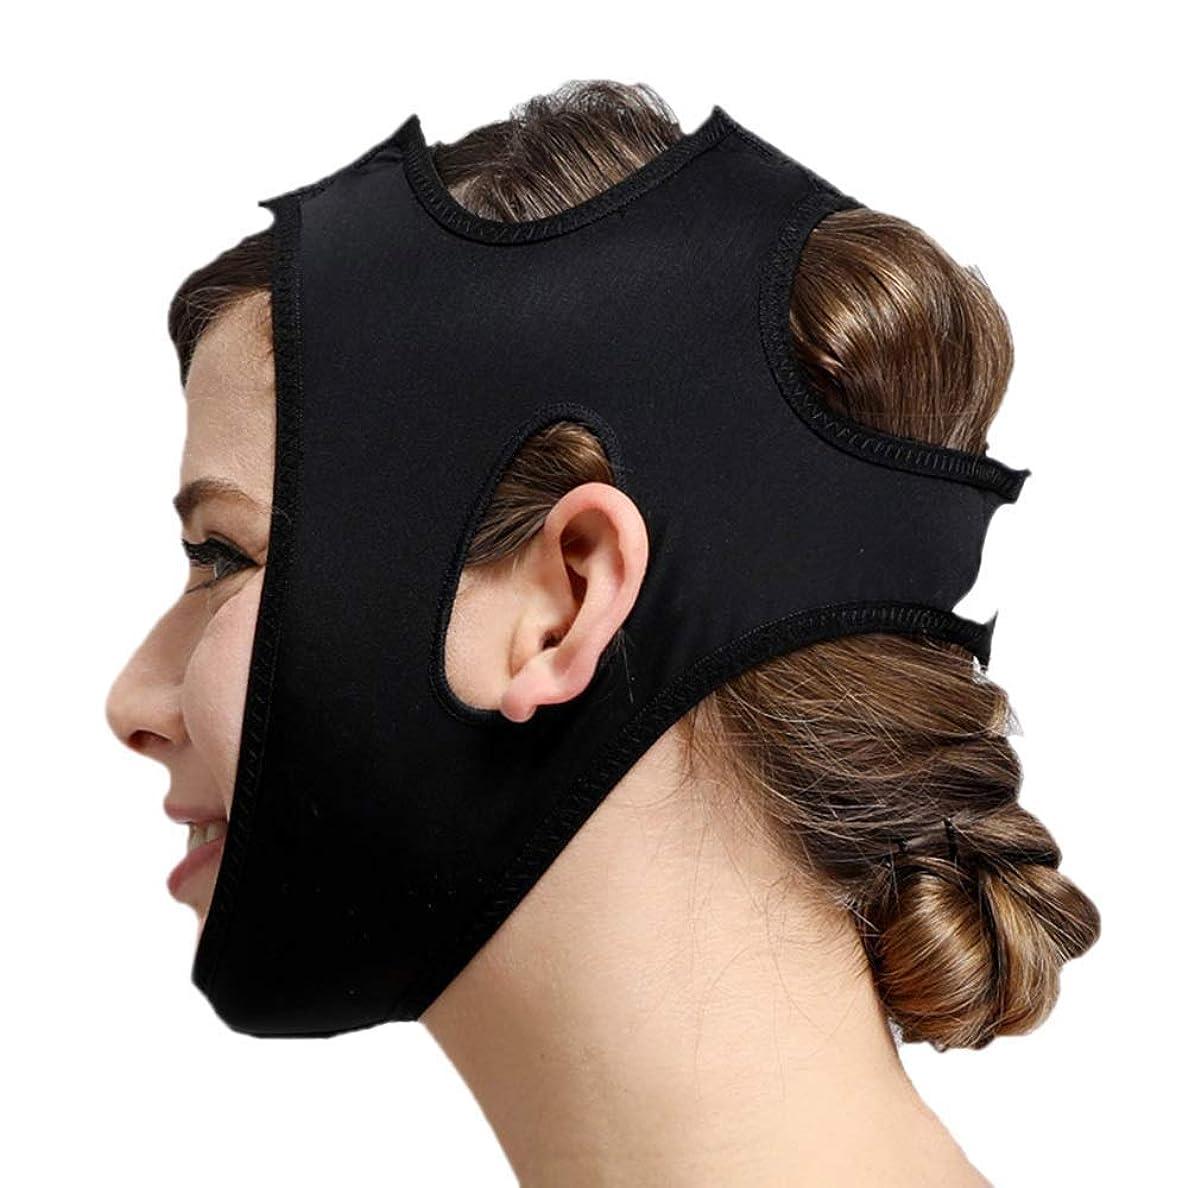 コースウェイター知覚できるフェイススリミングマスク、快適さと通気性、フェイシャルリフティング、輪郭の改善された硬さ、ファーミングとリフティングフェイス(カラー:ブラック、サイズ:XL),黒、XXL